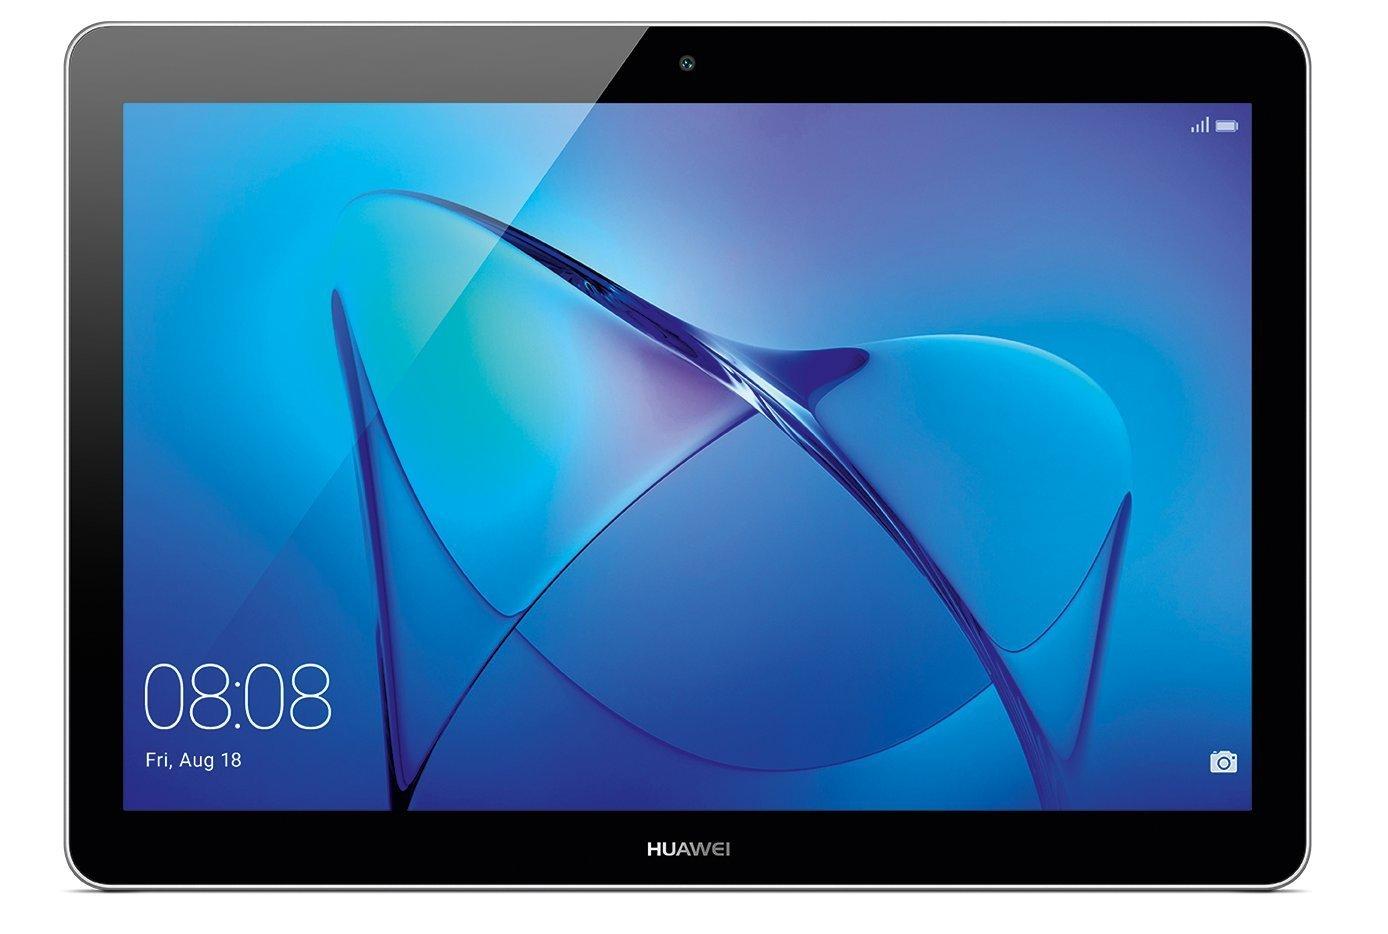 Huawei Mediapad T3 Tablet 4G LTE, Display da 10', CPU MSM8917, Quad-Core A53, 1.4 GHz, 2 GB RAM, ROM 16 GB Espandibile Fino a 128 GB con MicroSD, Space Gray (Ricondizionato Certificato) Display da 10